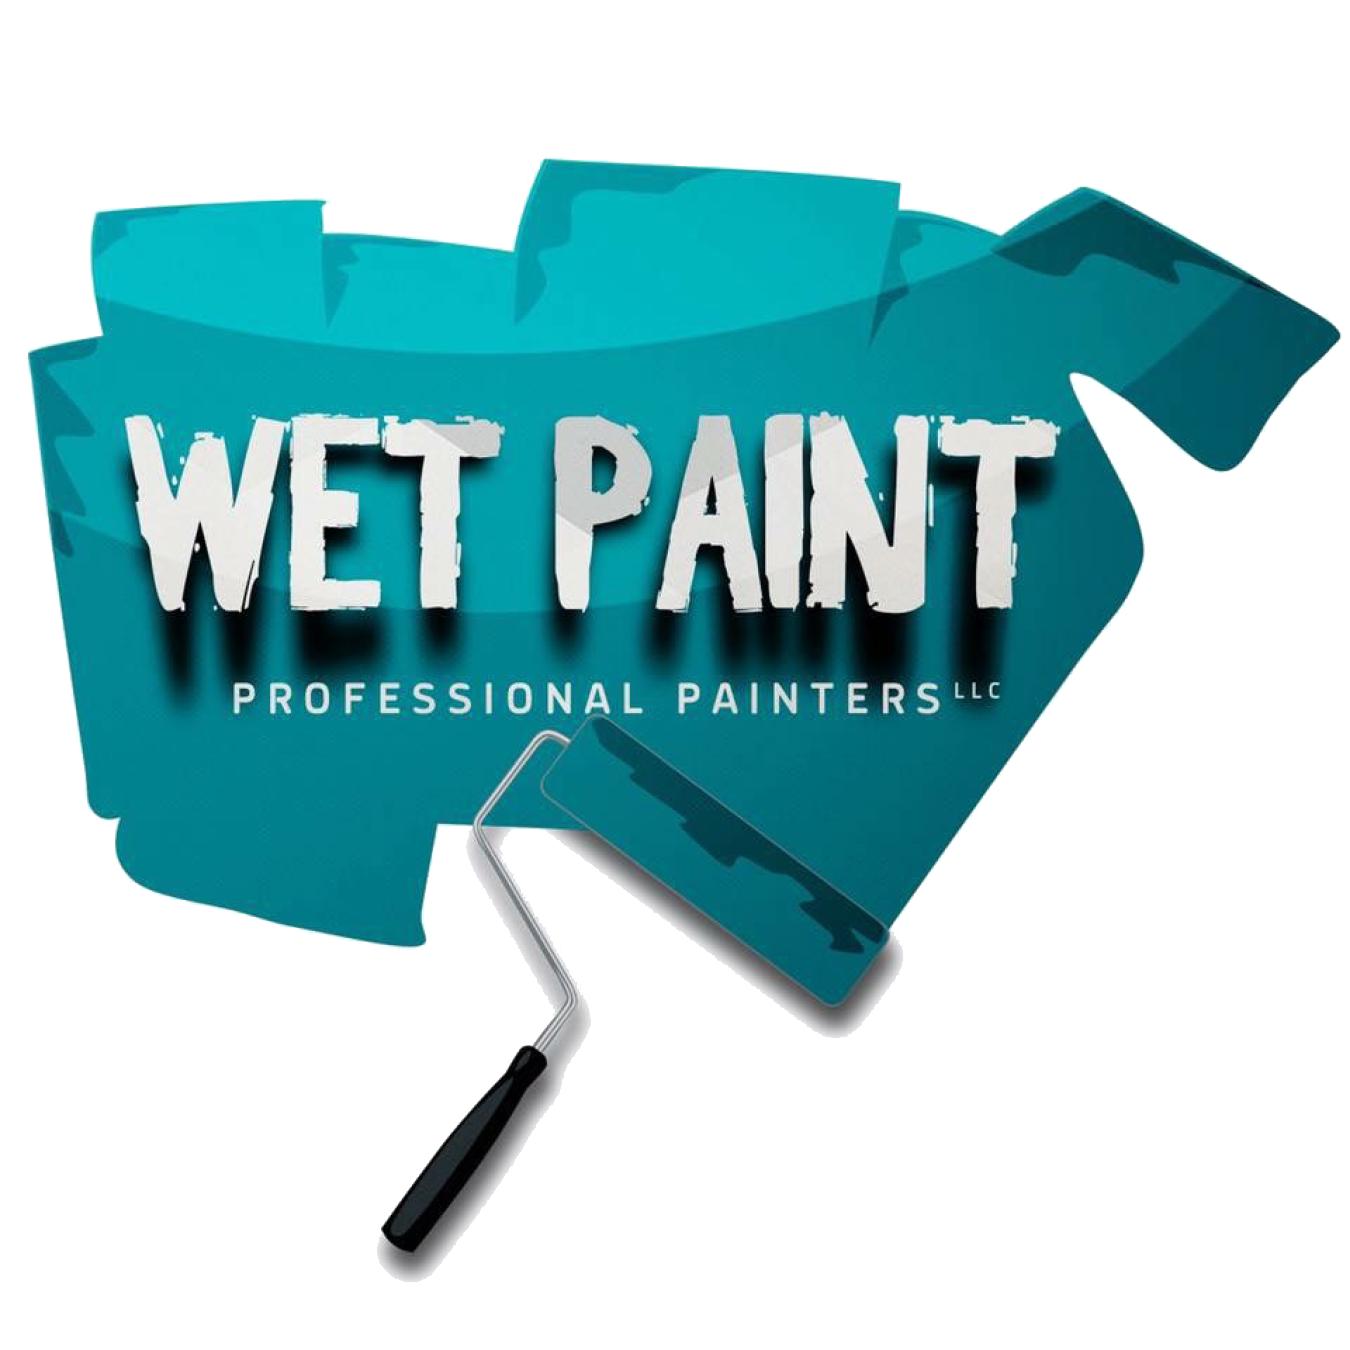 WetPaint_LFC2.png